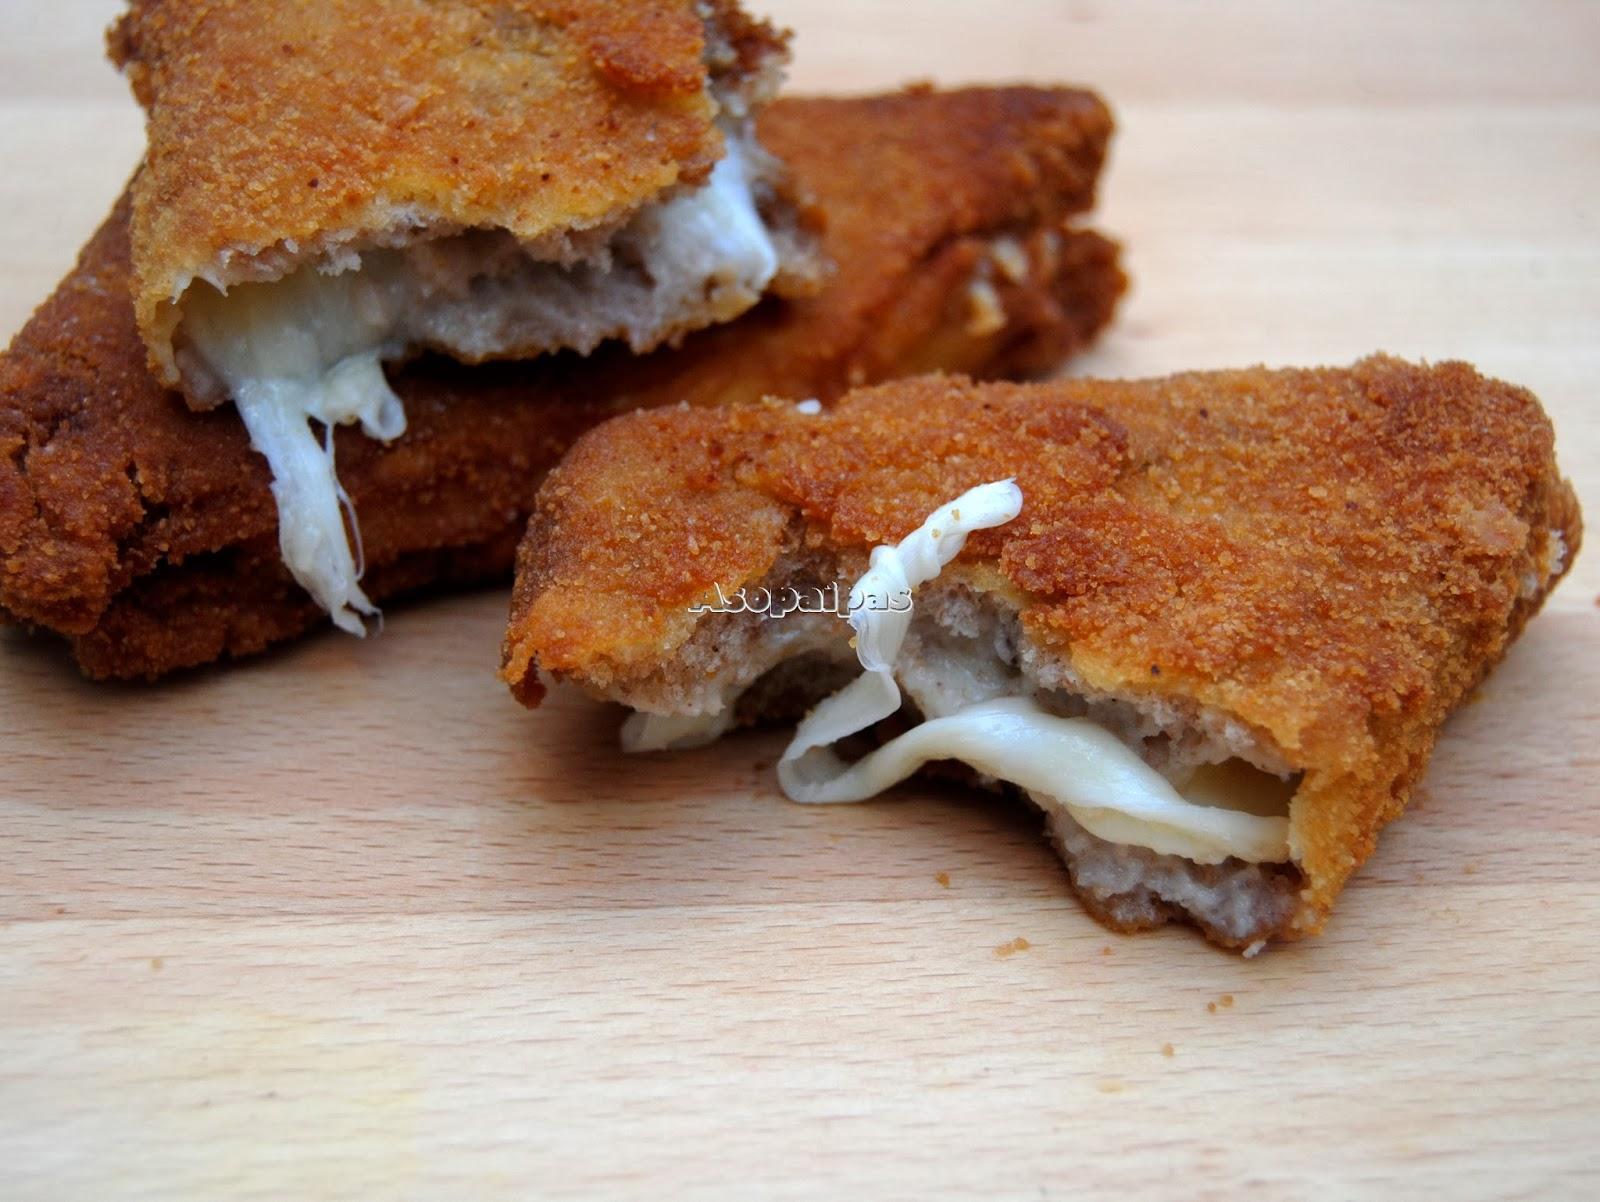 Mozzarella en Carroza